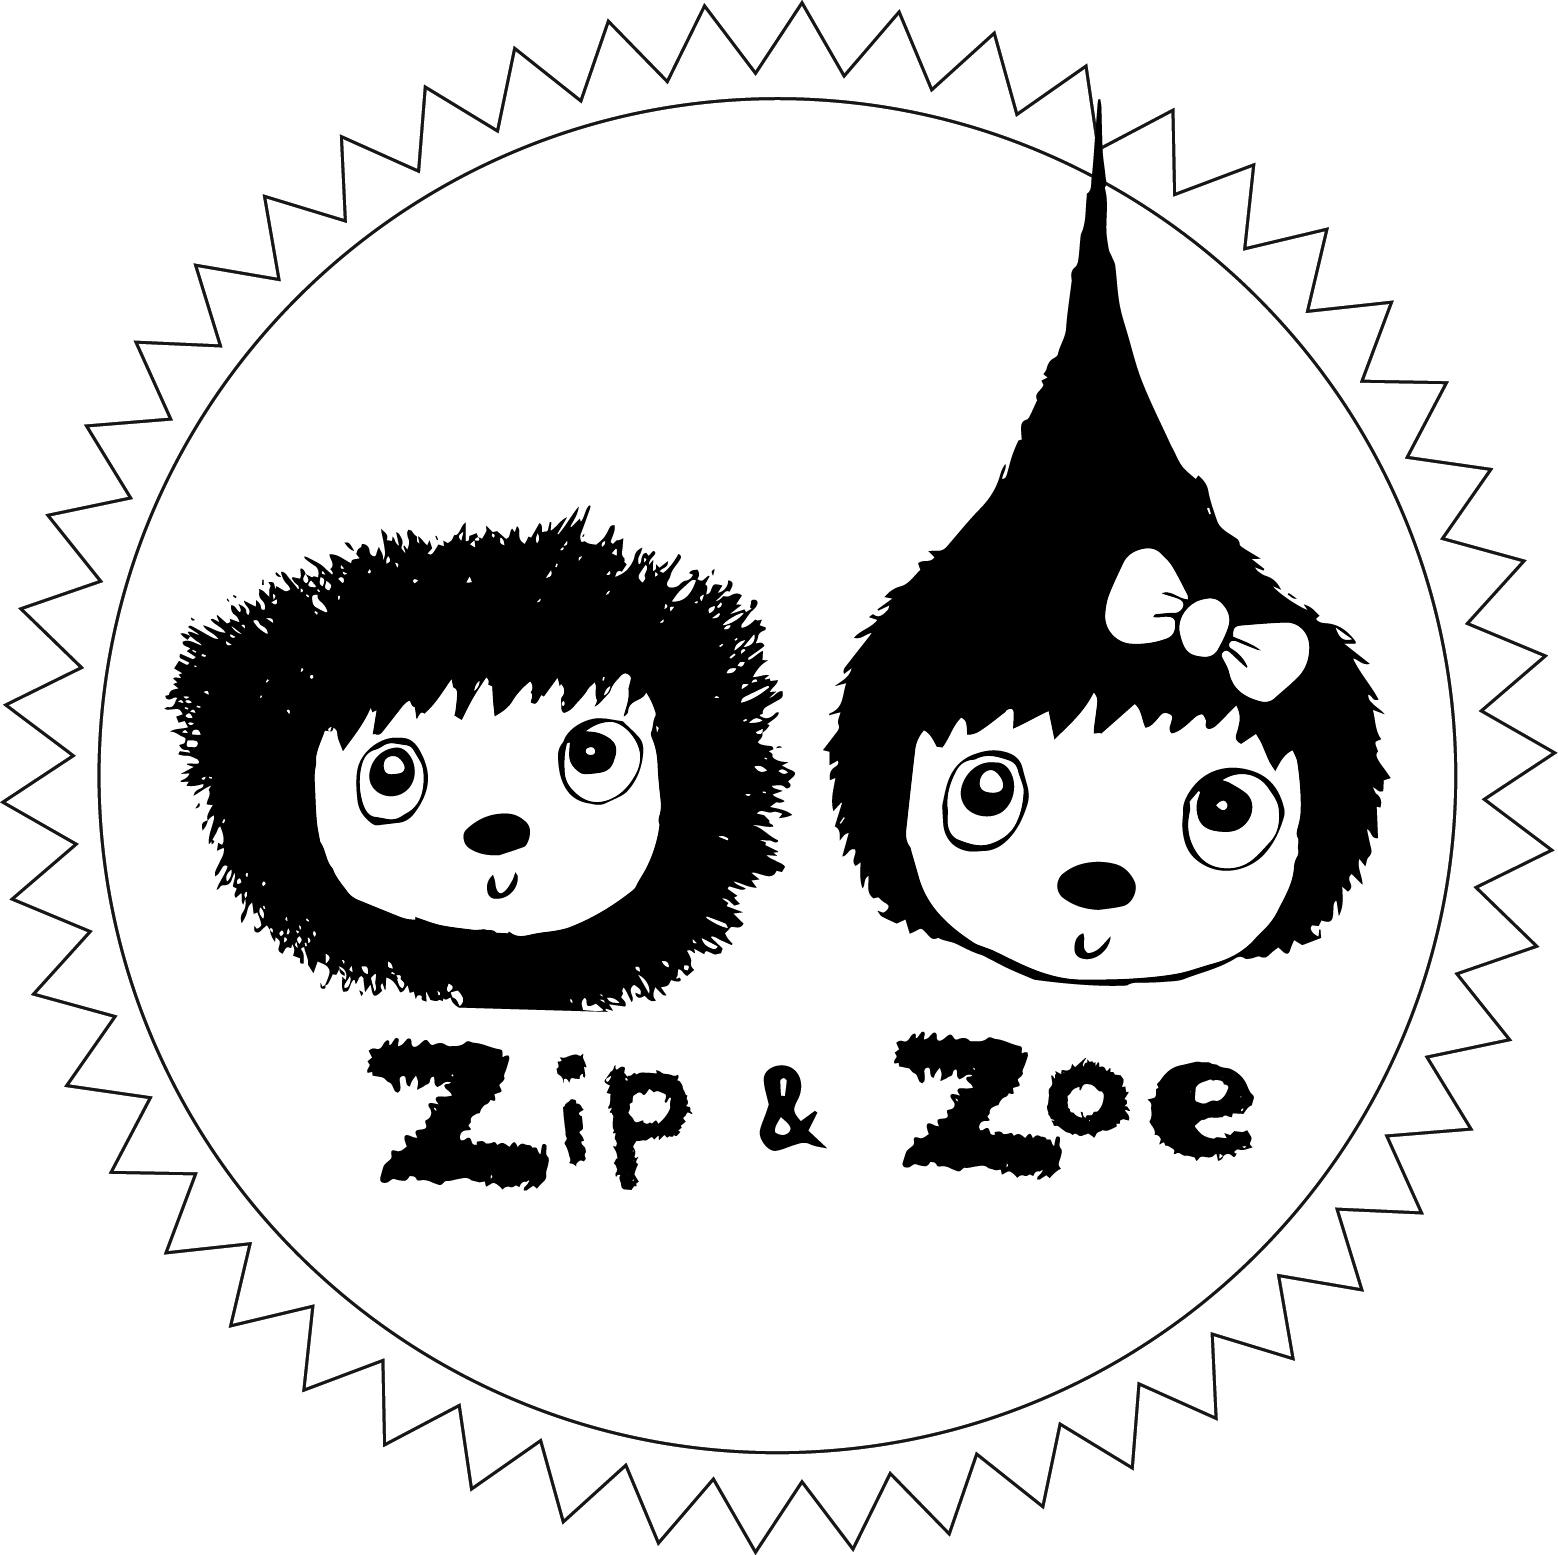 Babymel (Zip & Zoe)